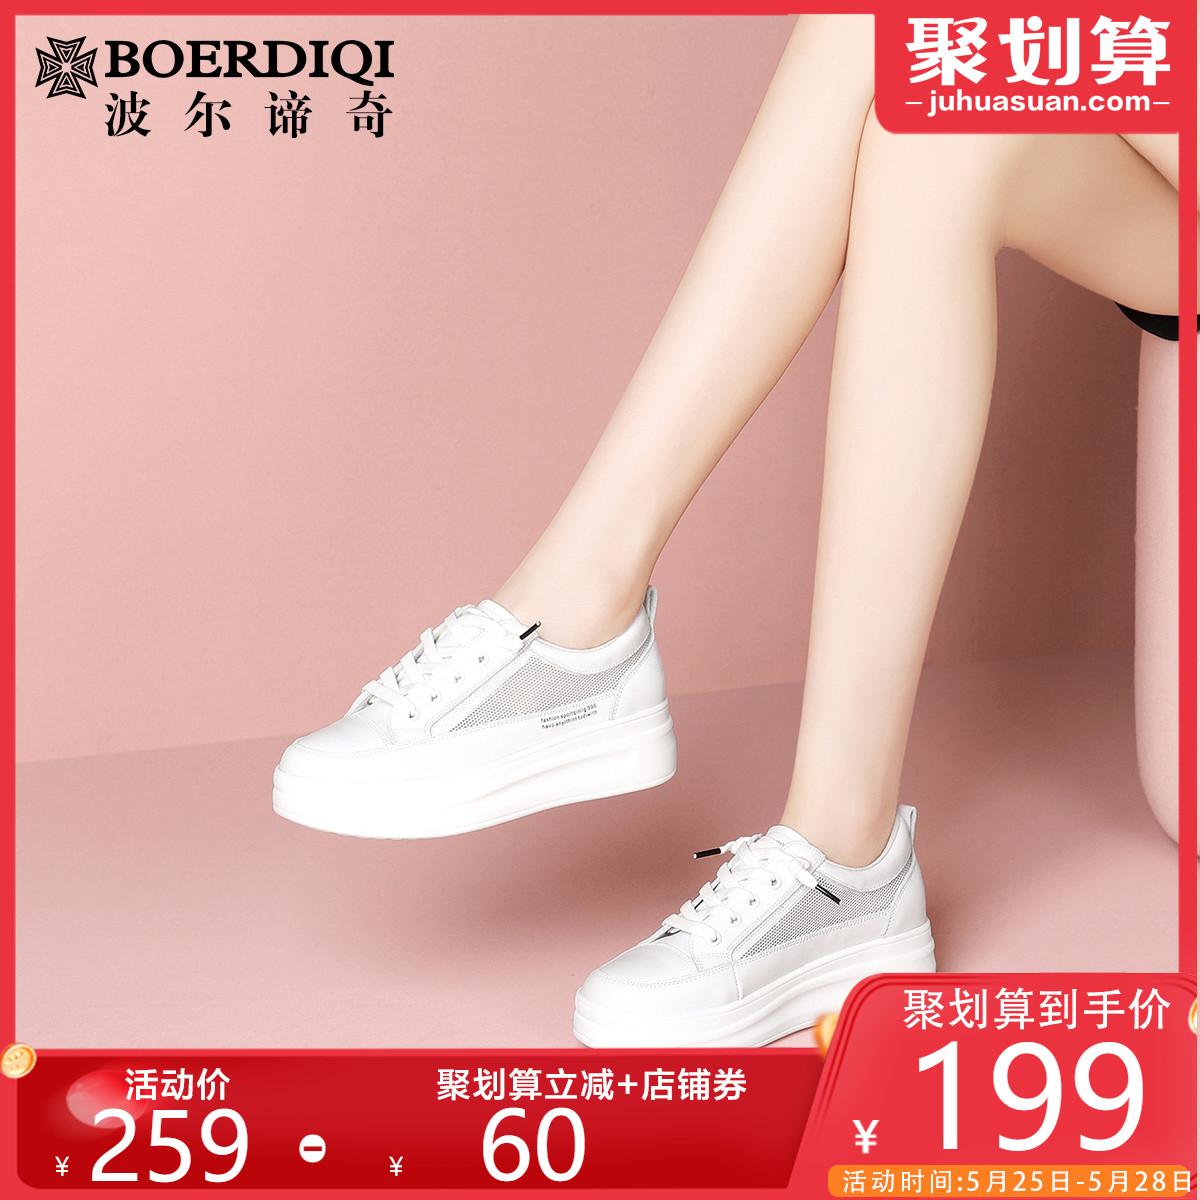 真皮内增高小白鞋女2020夏季新款网面镂空透气厚底鞋休闲百搭女鞋图片